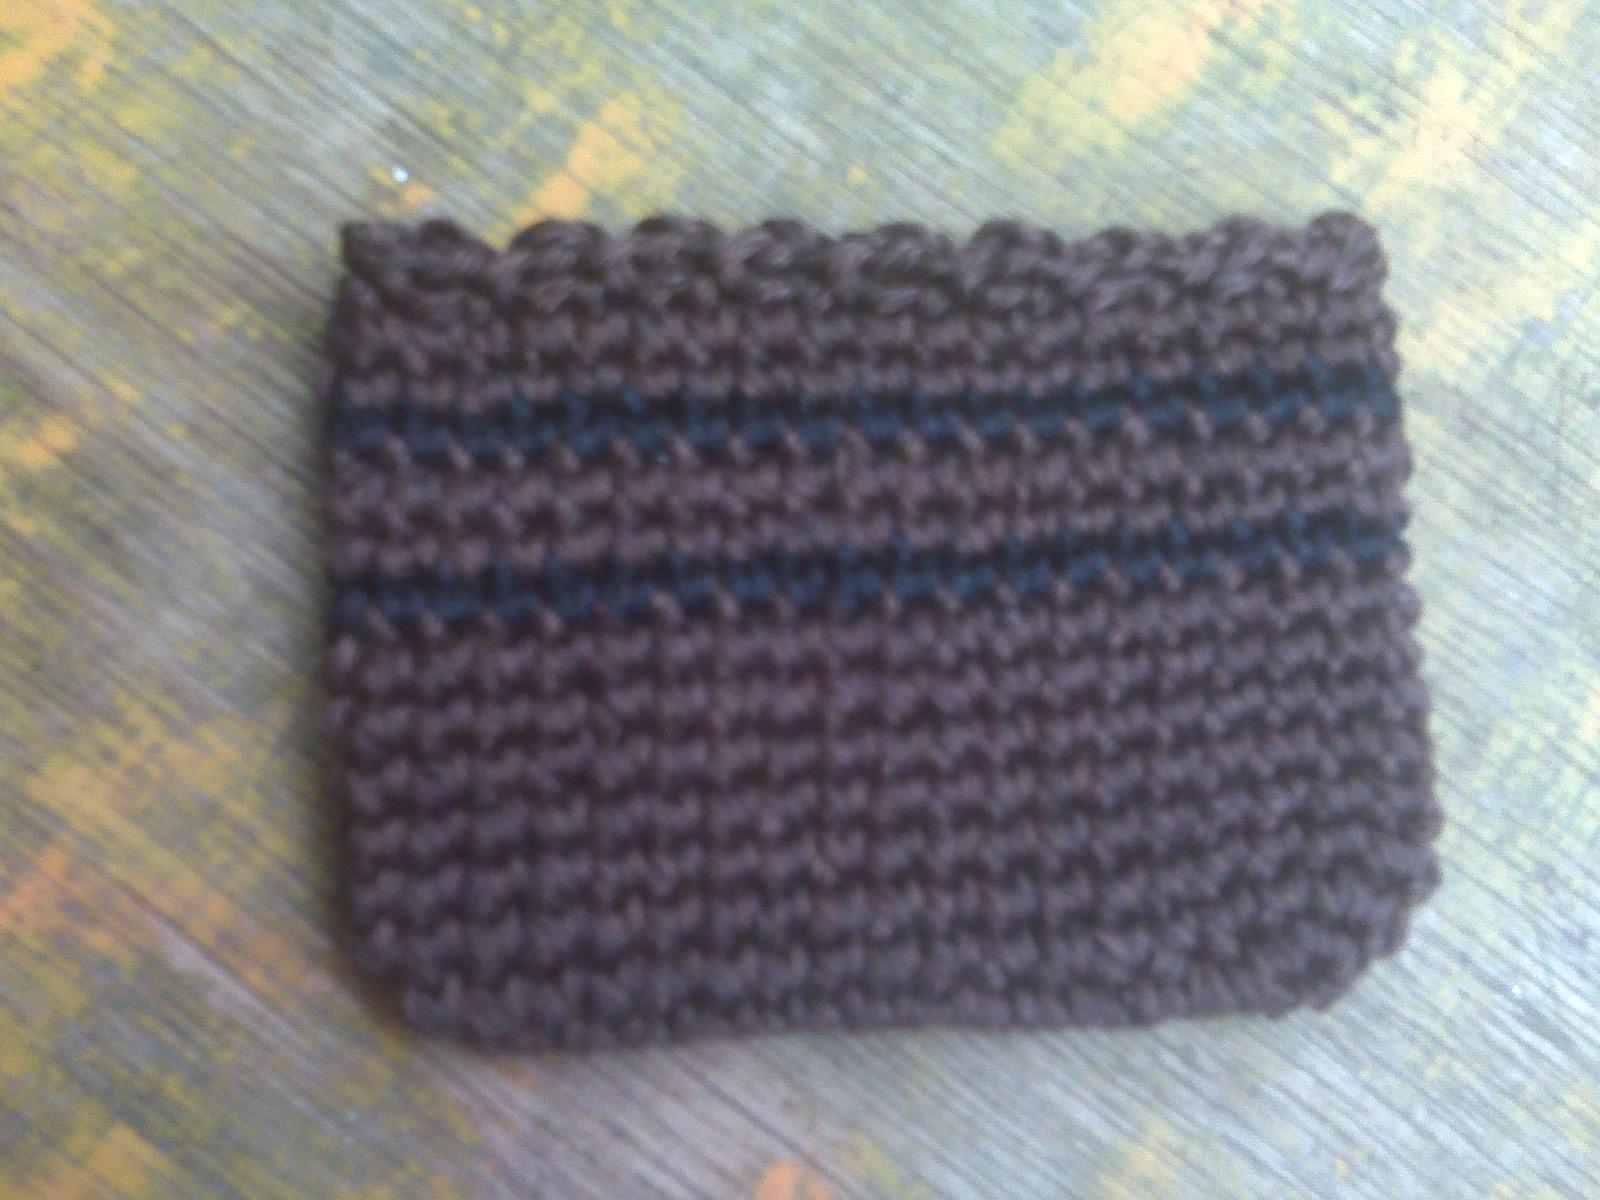 Girlies Crochet: Crochet Coin Purse